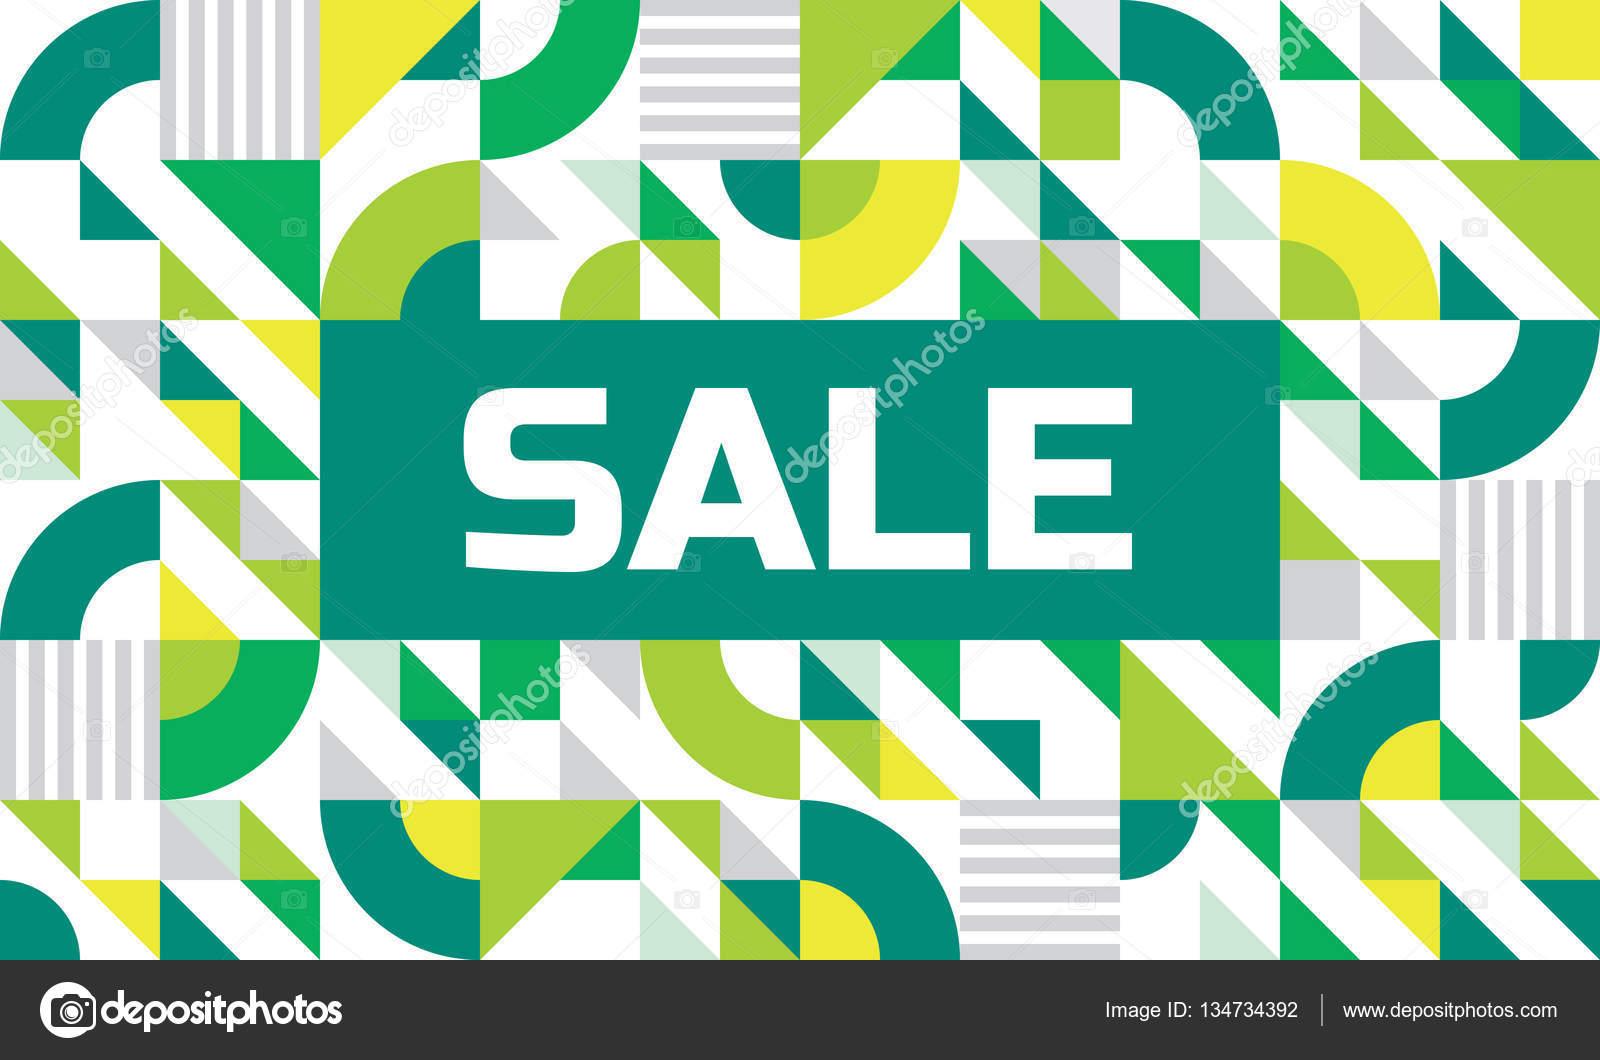 Schon Verkauf   Abstrakte Geometrische Banner. Hintergrund Konzept Vektorgrafik  In Grünen Farben. Design Layout U2014 Vektor Von Serkorkin